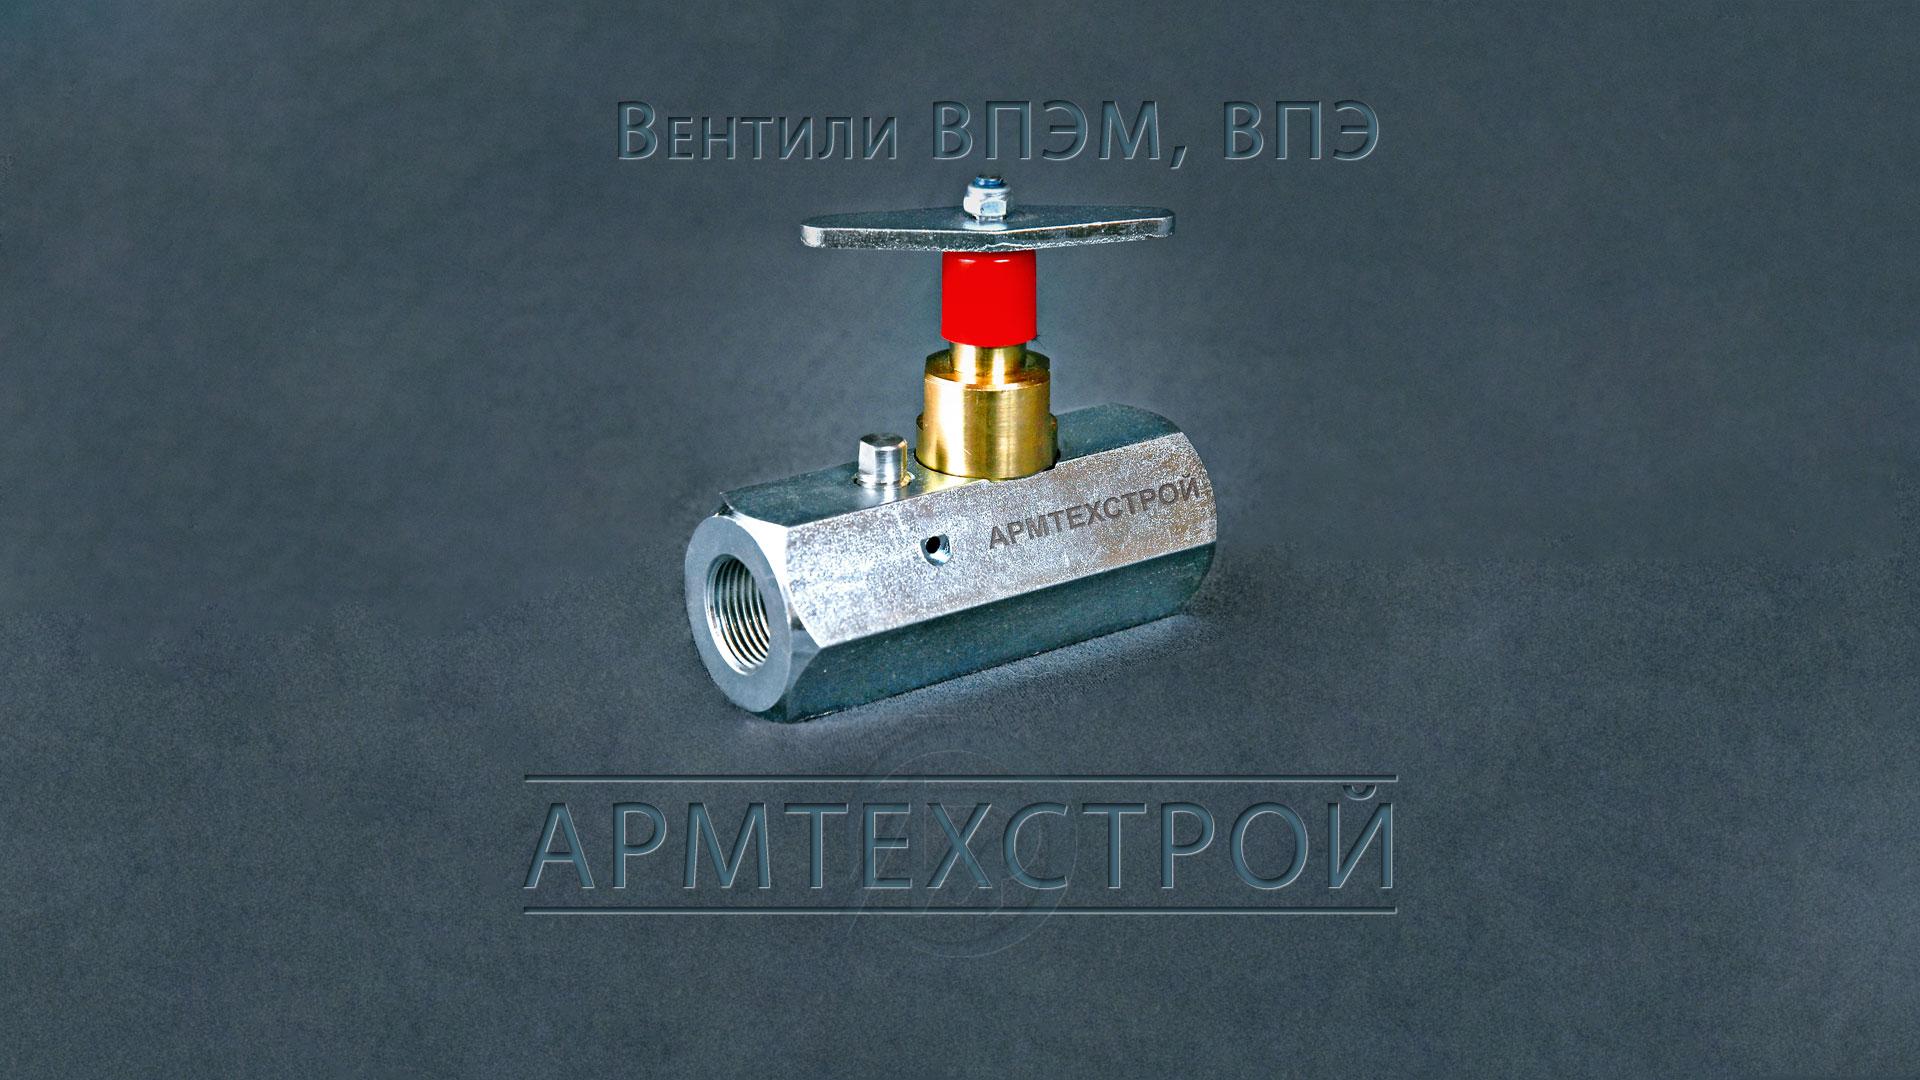 Обработка фото для сайта ВПЭМ.рф